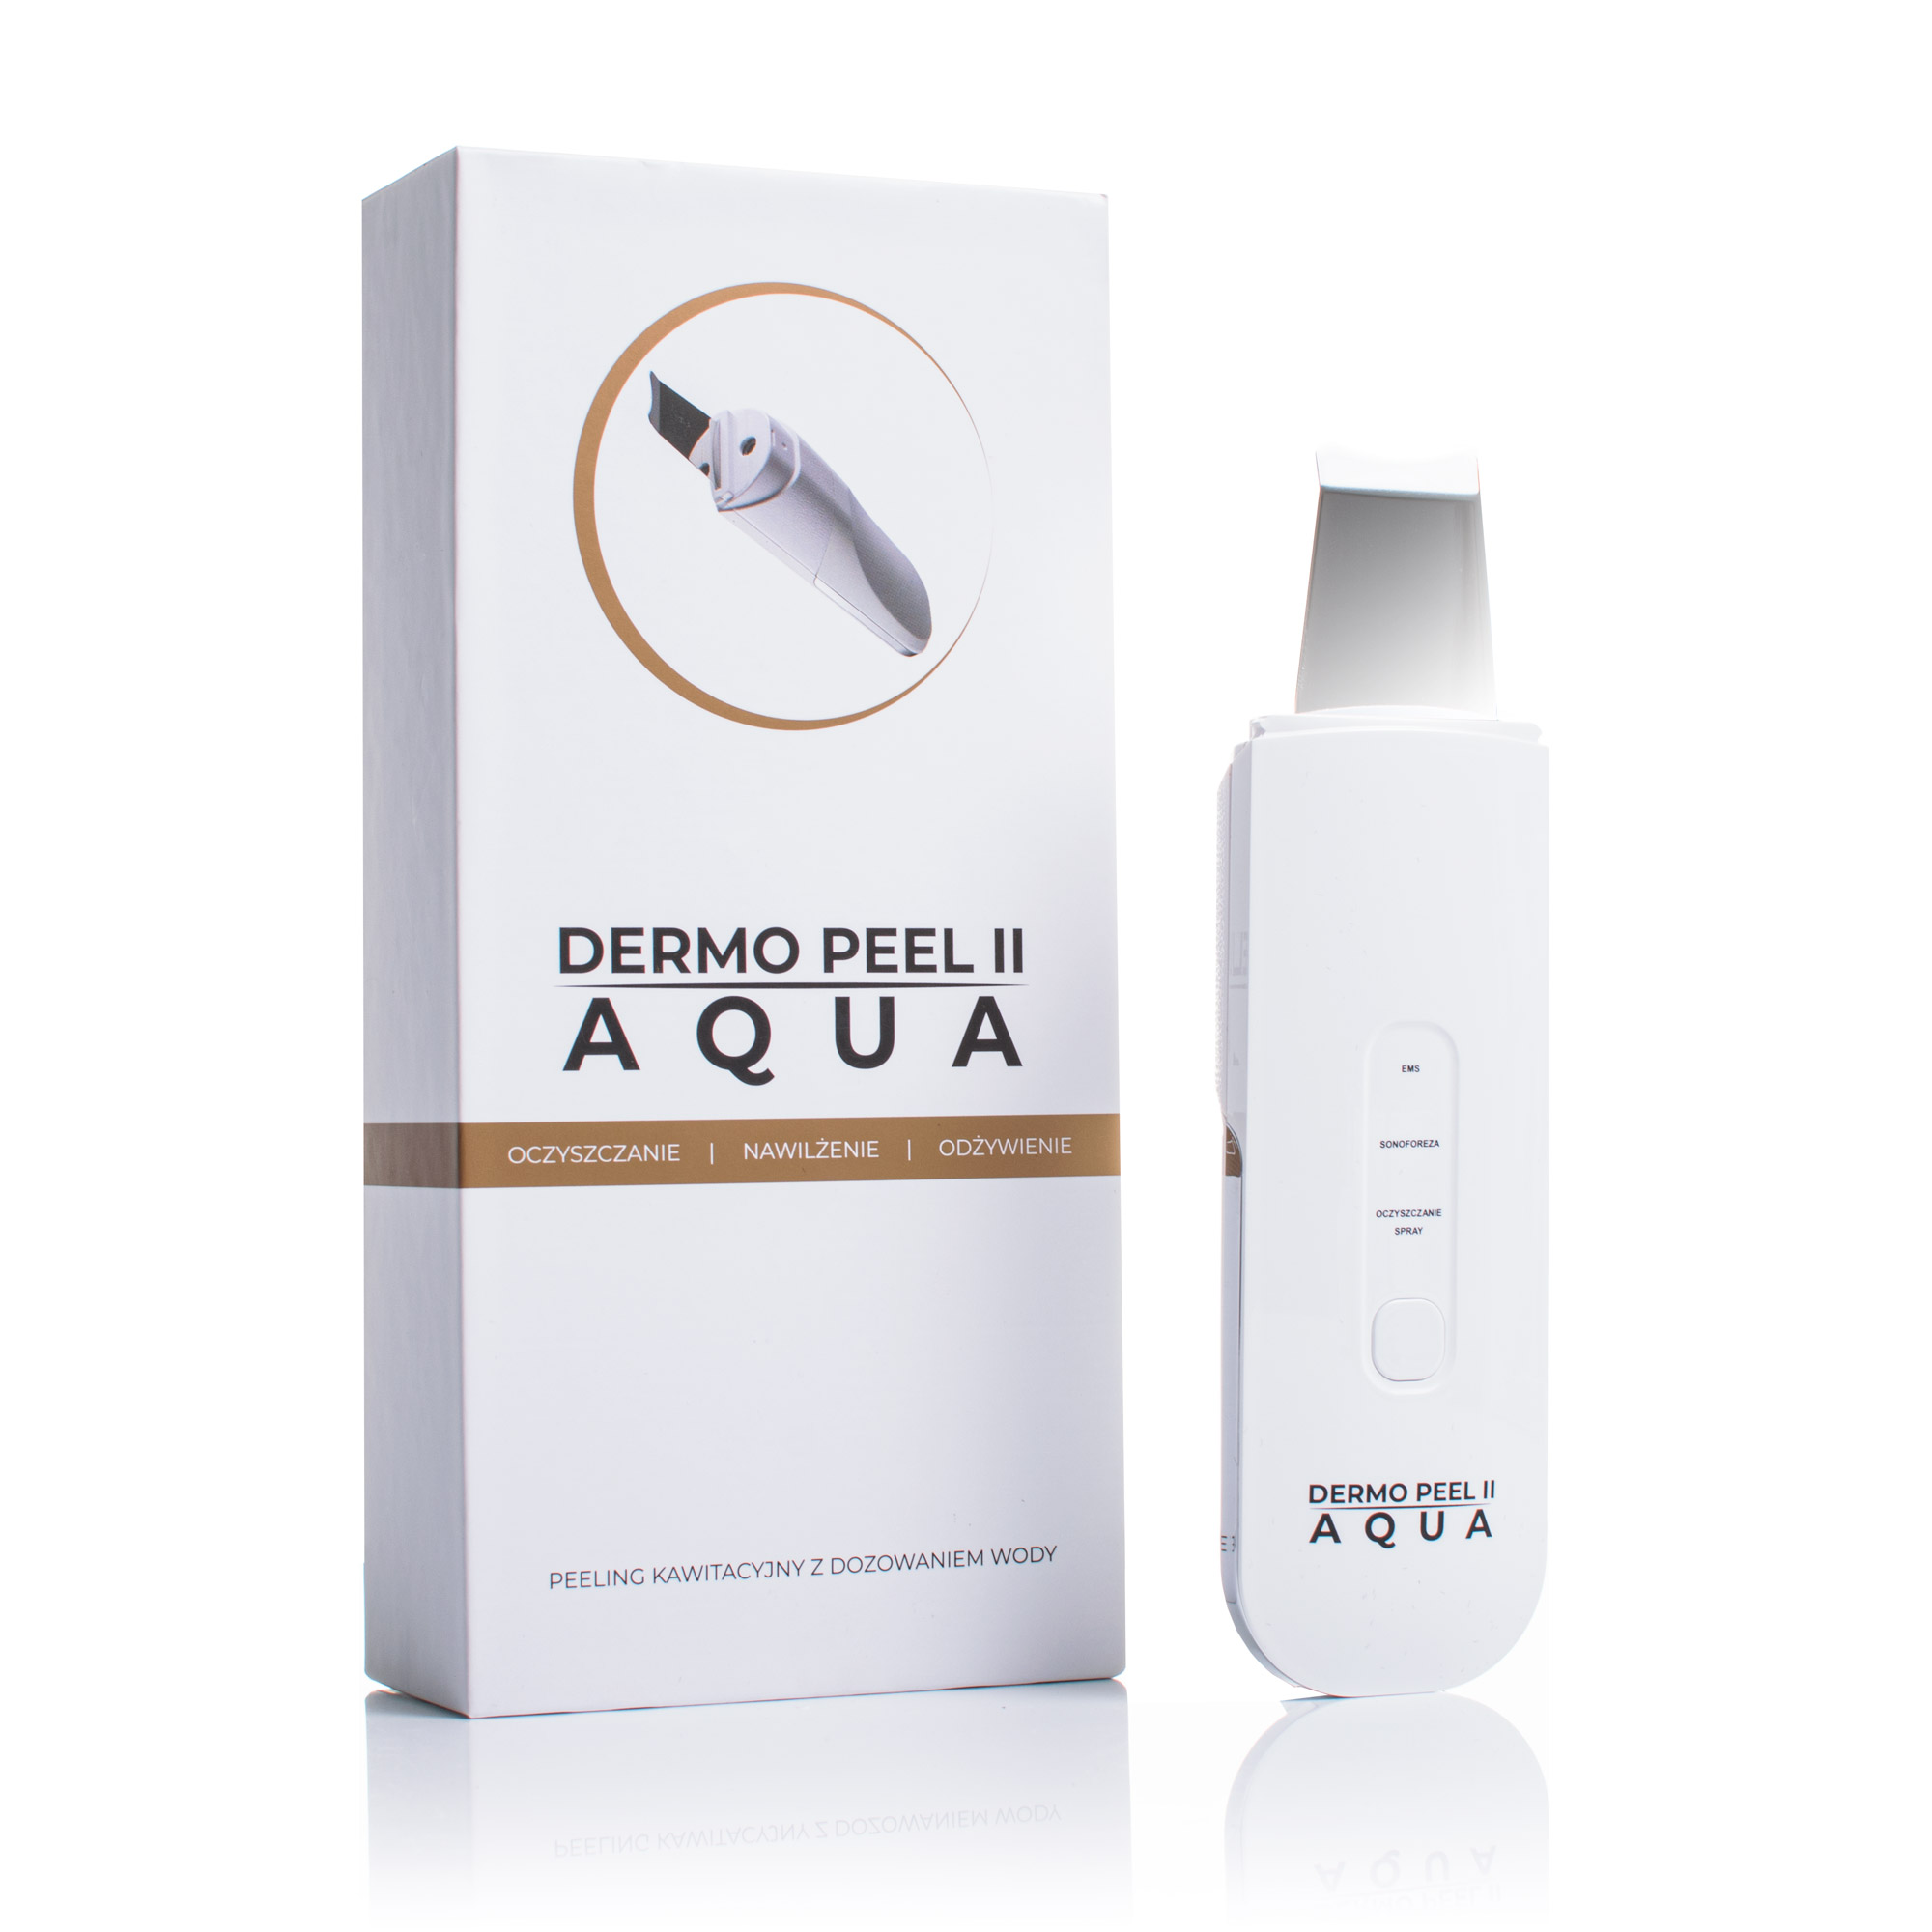 Jak wygląda nowa generacja kultowego urządzenia Dermo Peel+ Original?